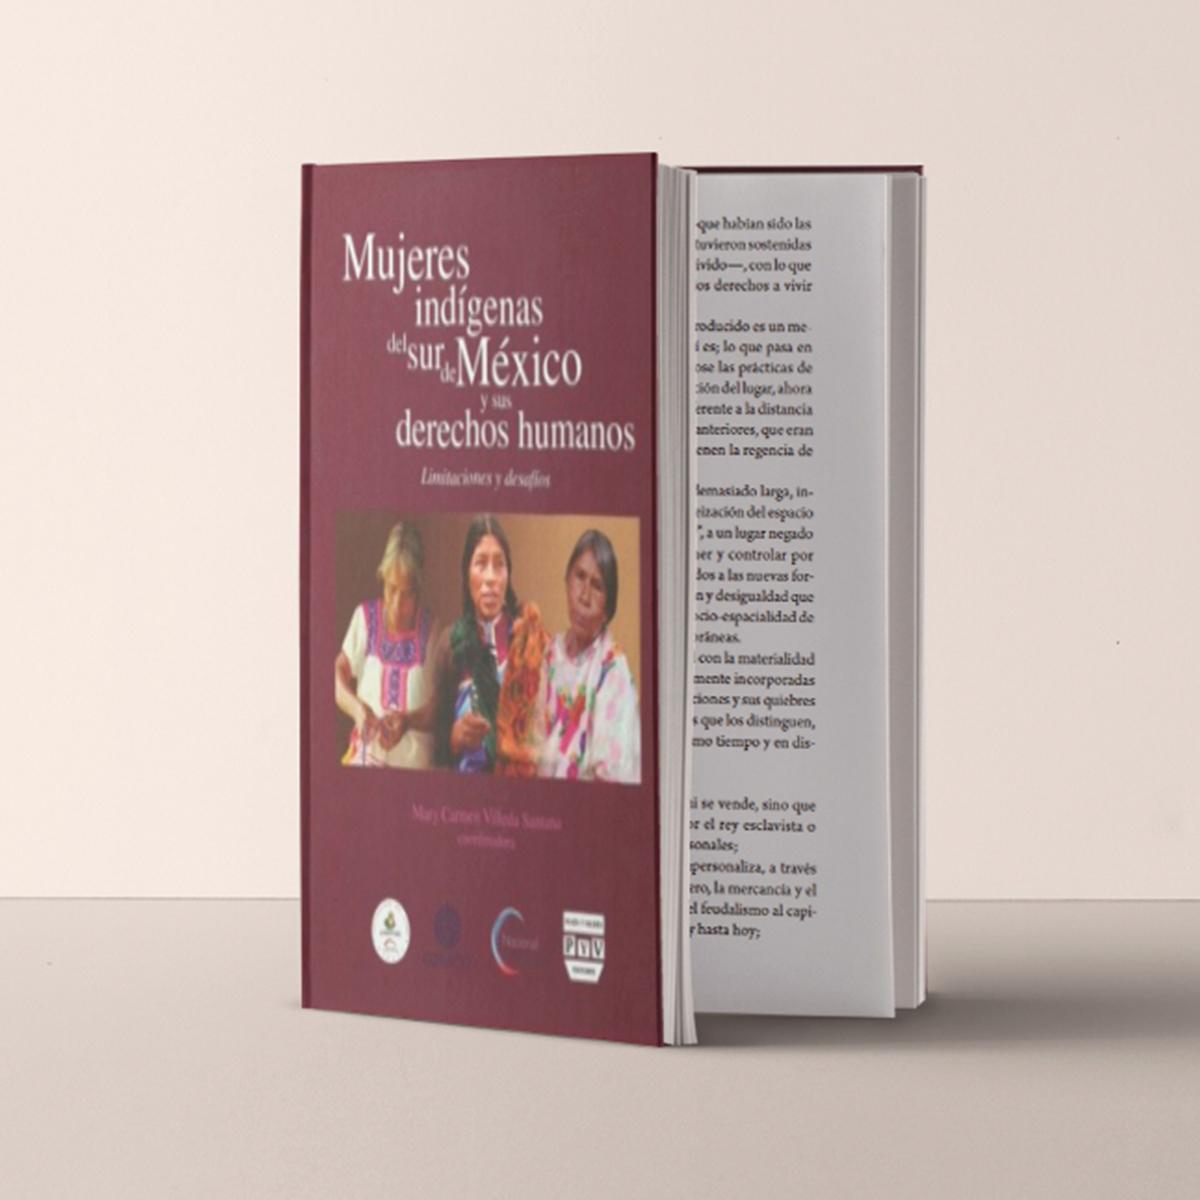 MUJERES-INDIGENES-CUADRADO